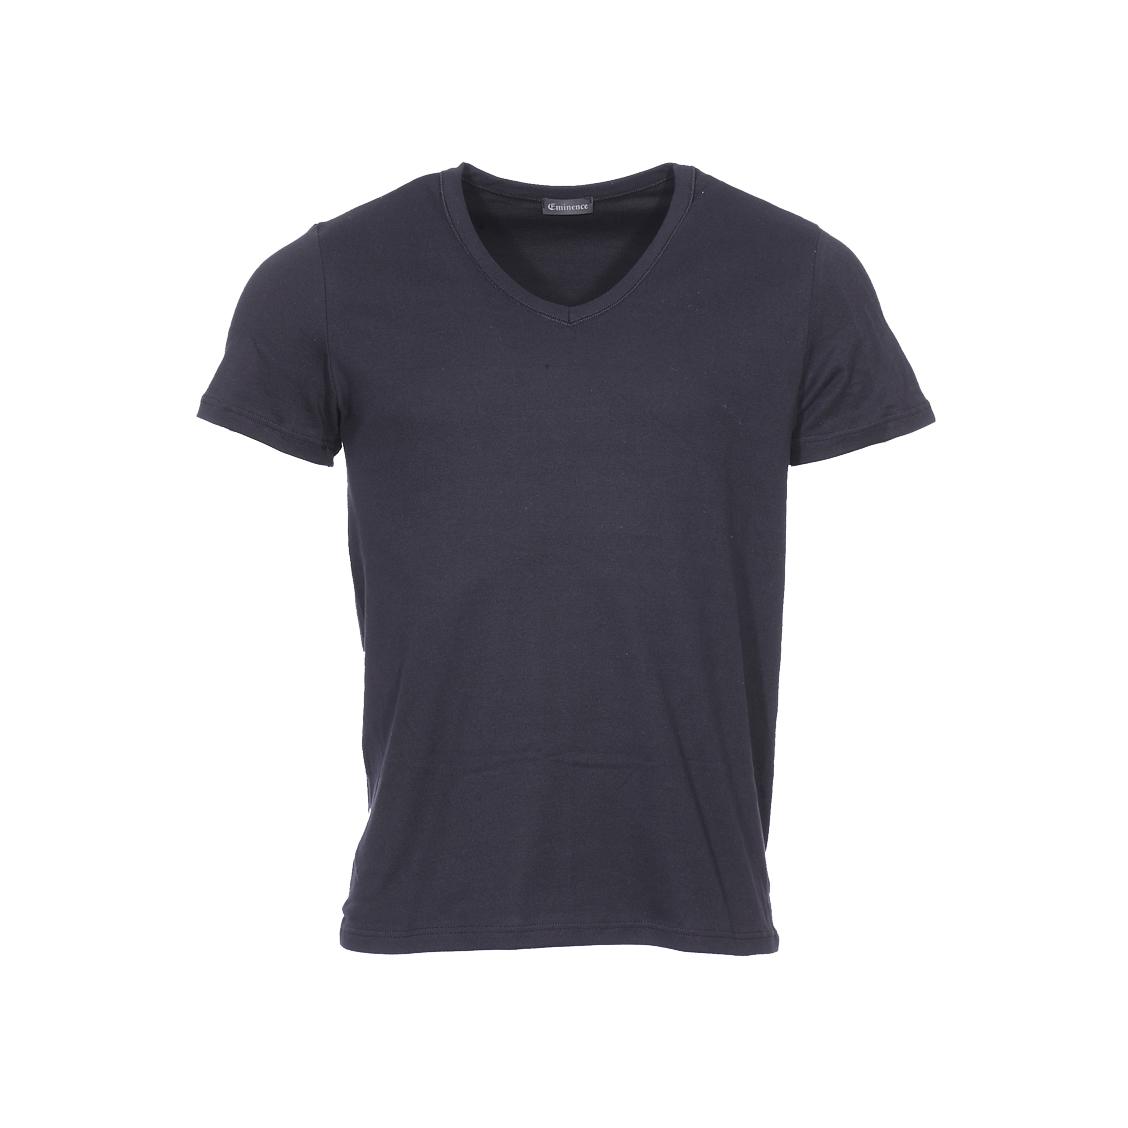 Tee-shirt col V Eminence L'Optimum en coton noir, tissu français